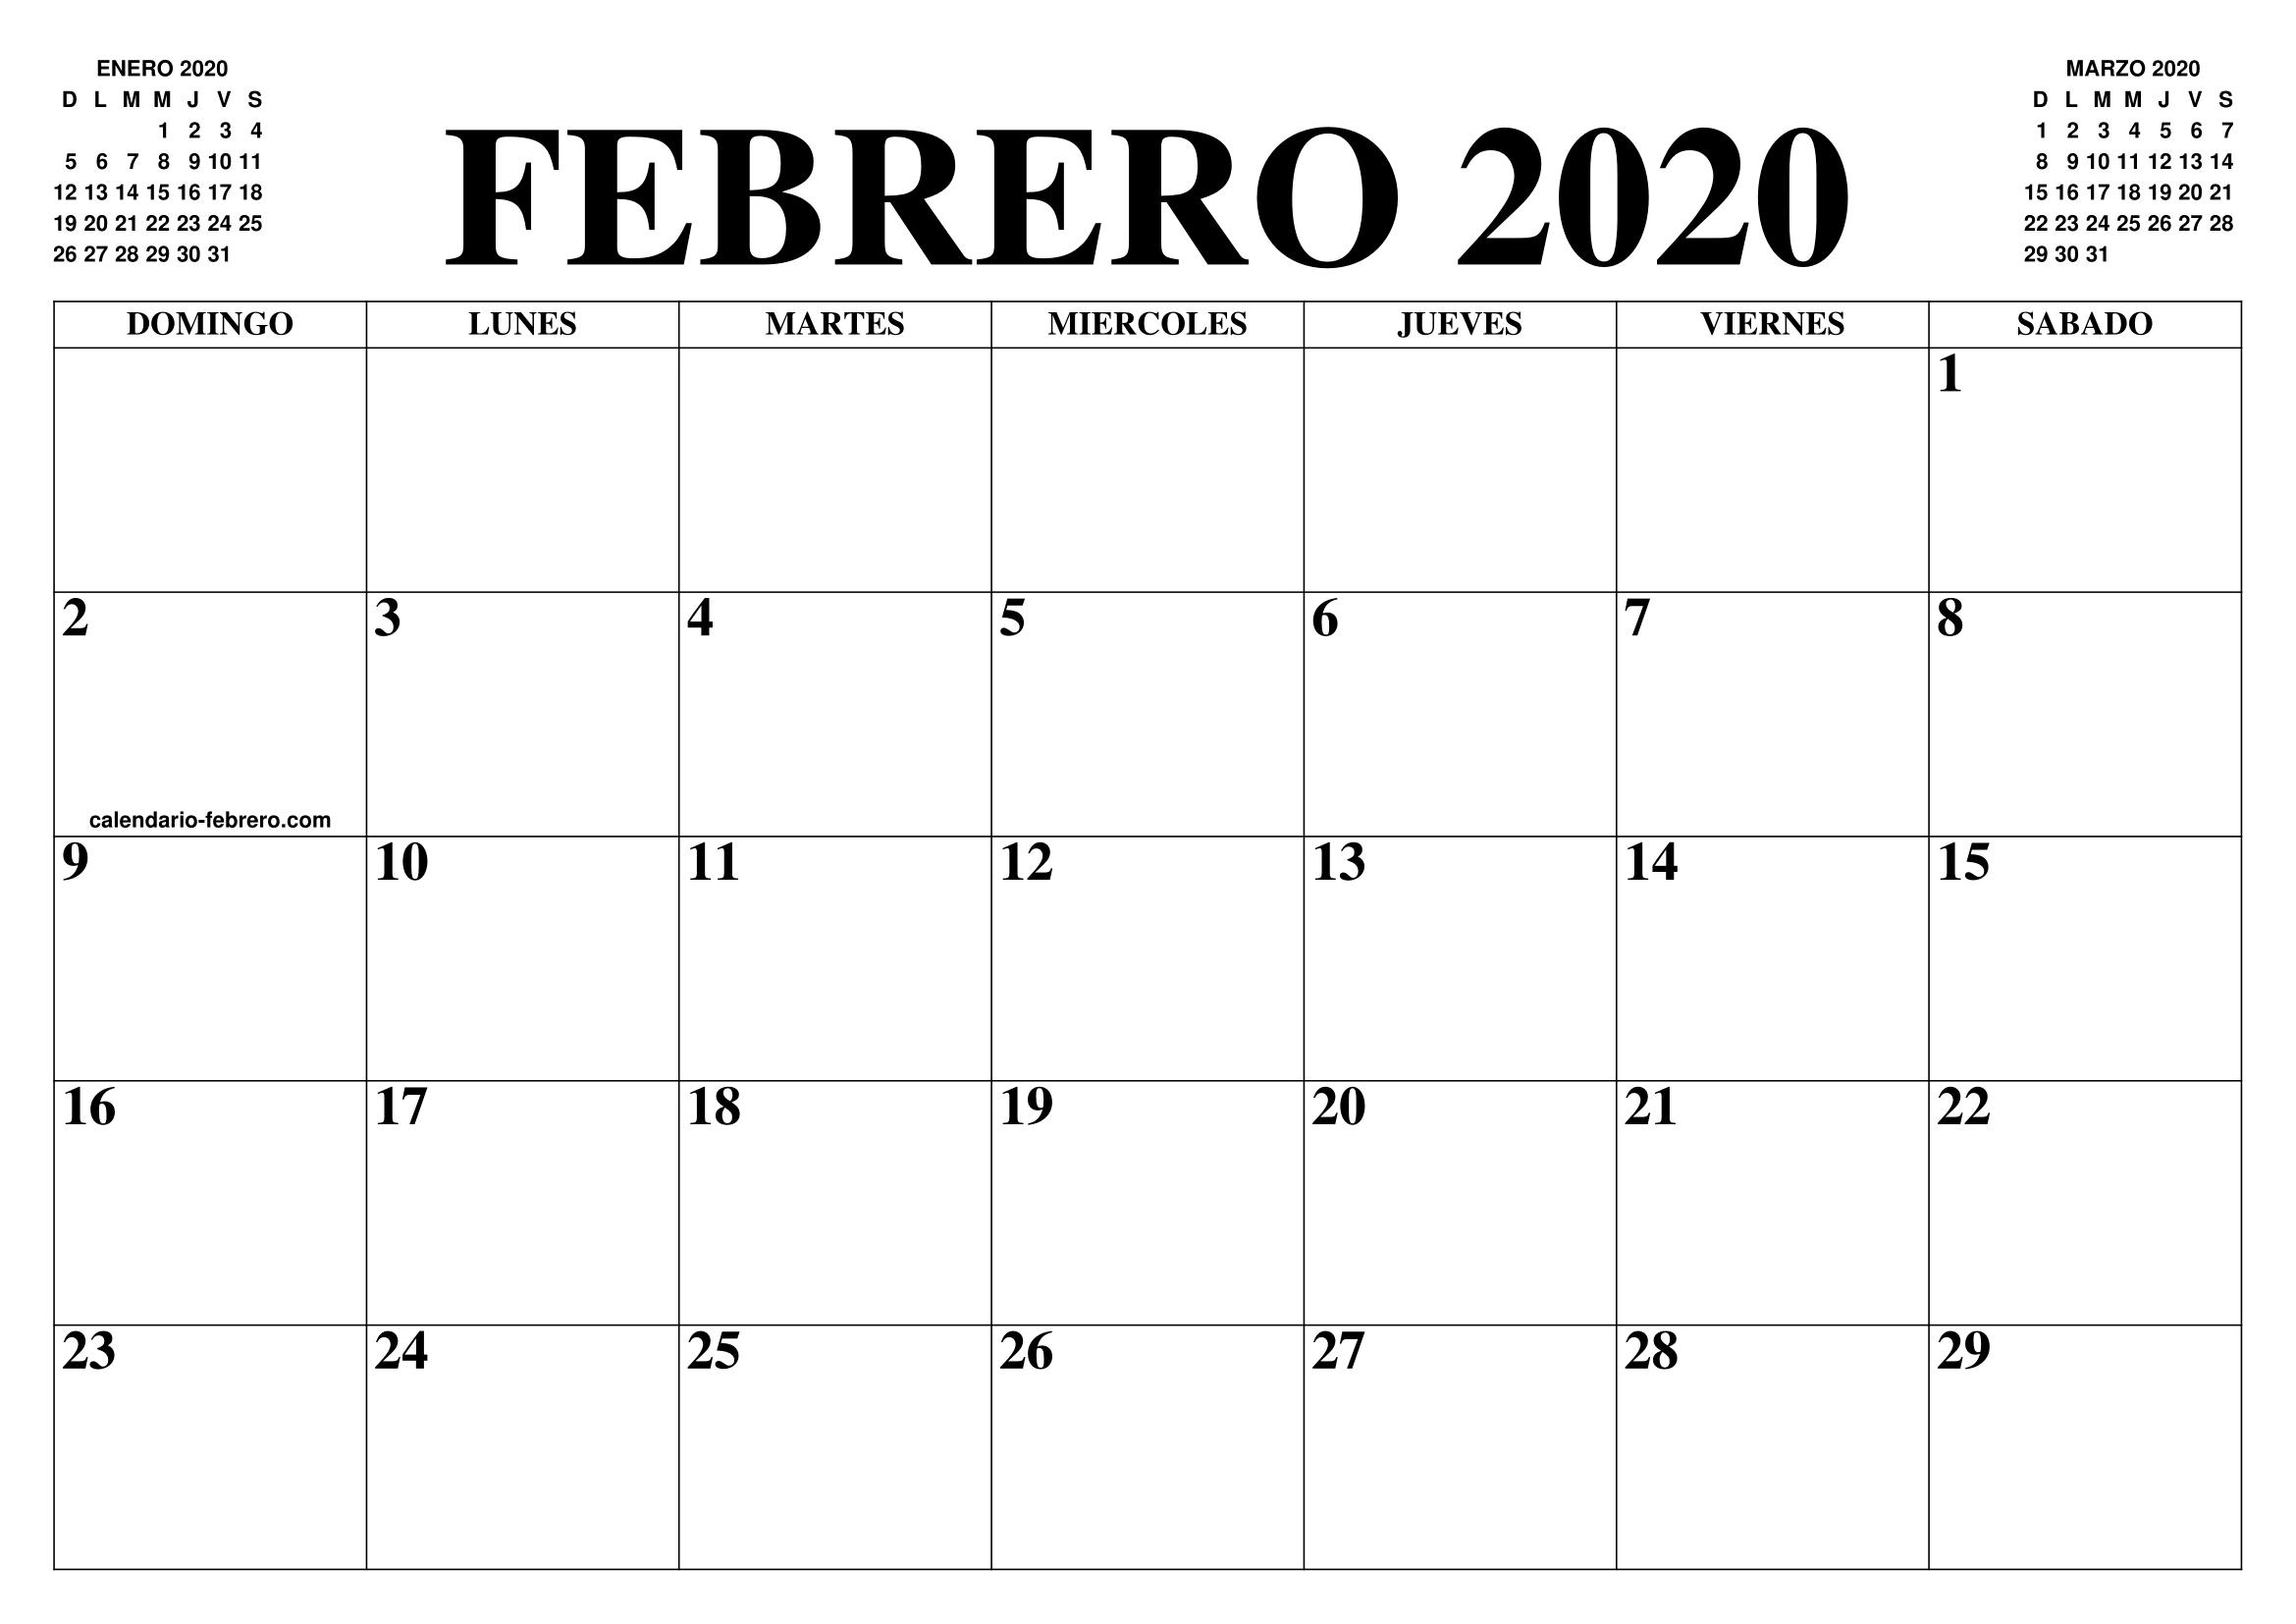 Calendario Febrero 2020 Para Imprimir Pdf.Calendario Febrero 2020 El Calendario Febrero Para